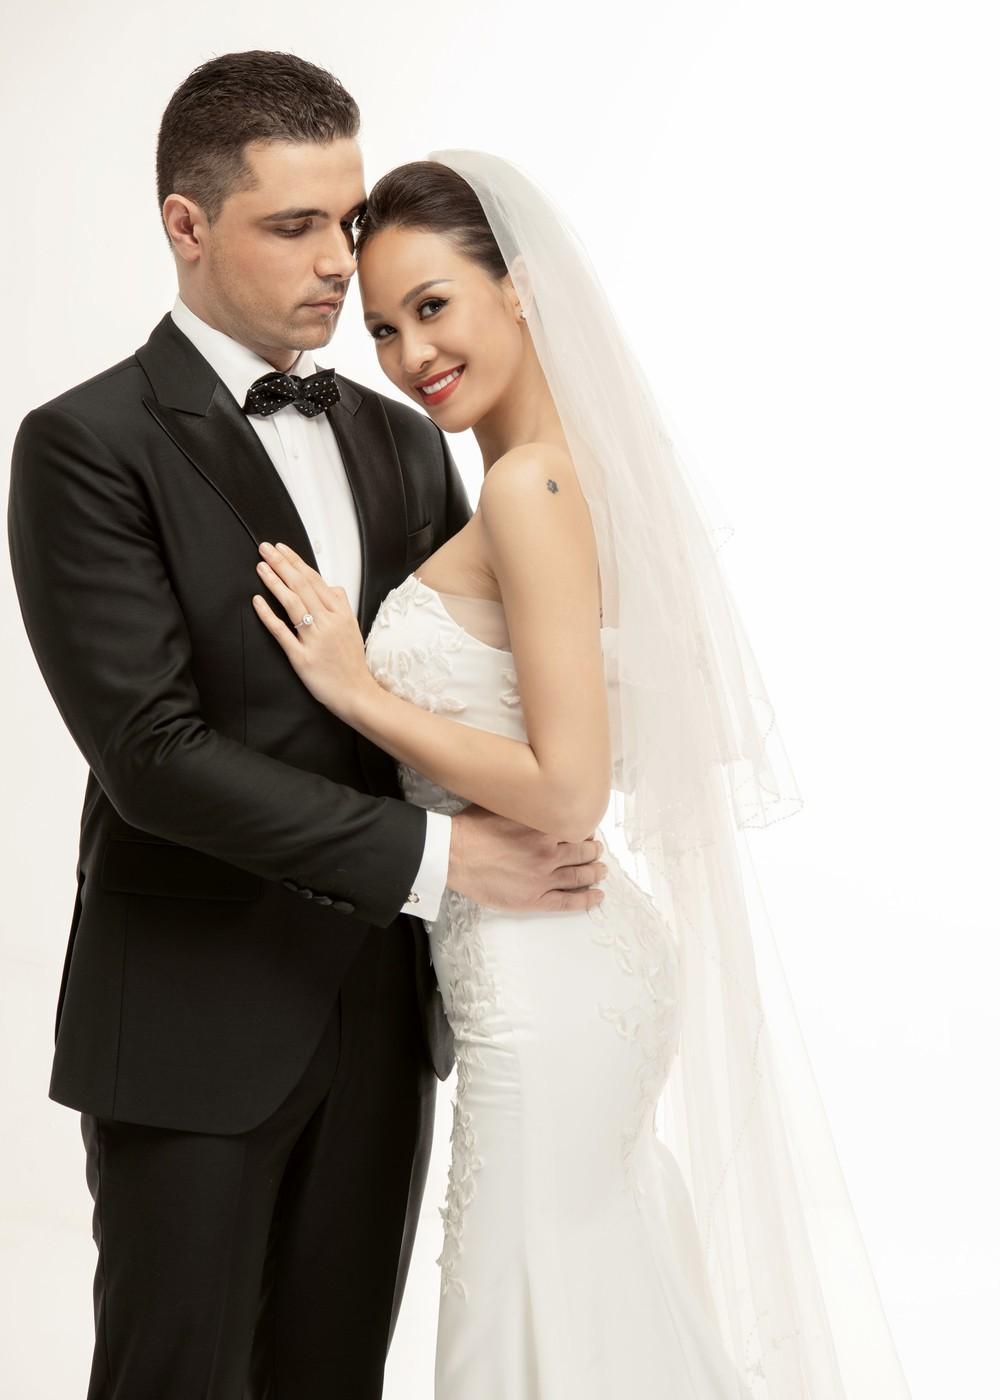 So kè váy cưới của 3 mỹ nhân Vbiz sắp về nhà chồng: Phí Linh nền nã, Phương Mai sexy nhưng bất ngờ nhất là Đàm Thu Trang - Ảnh 7.